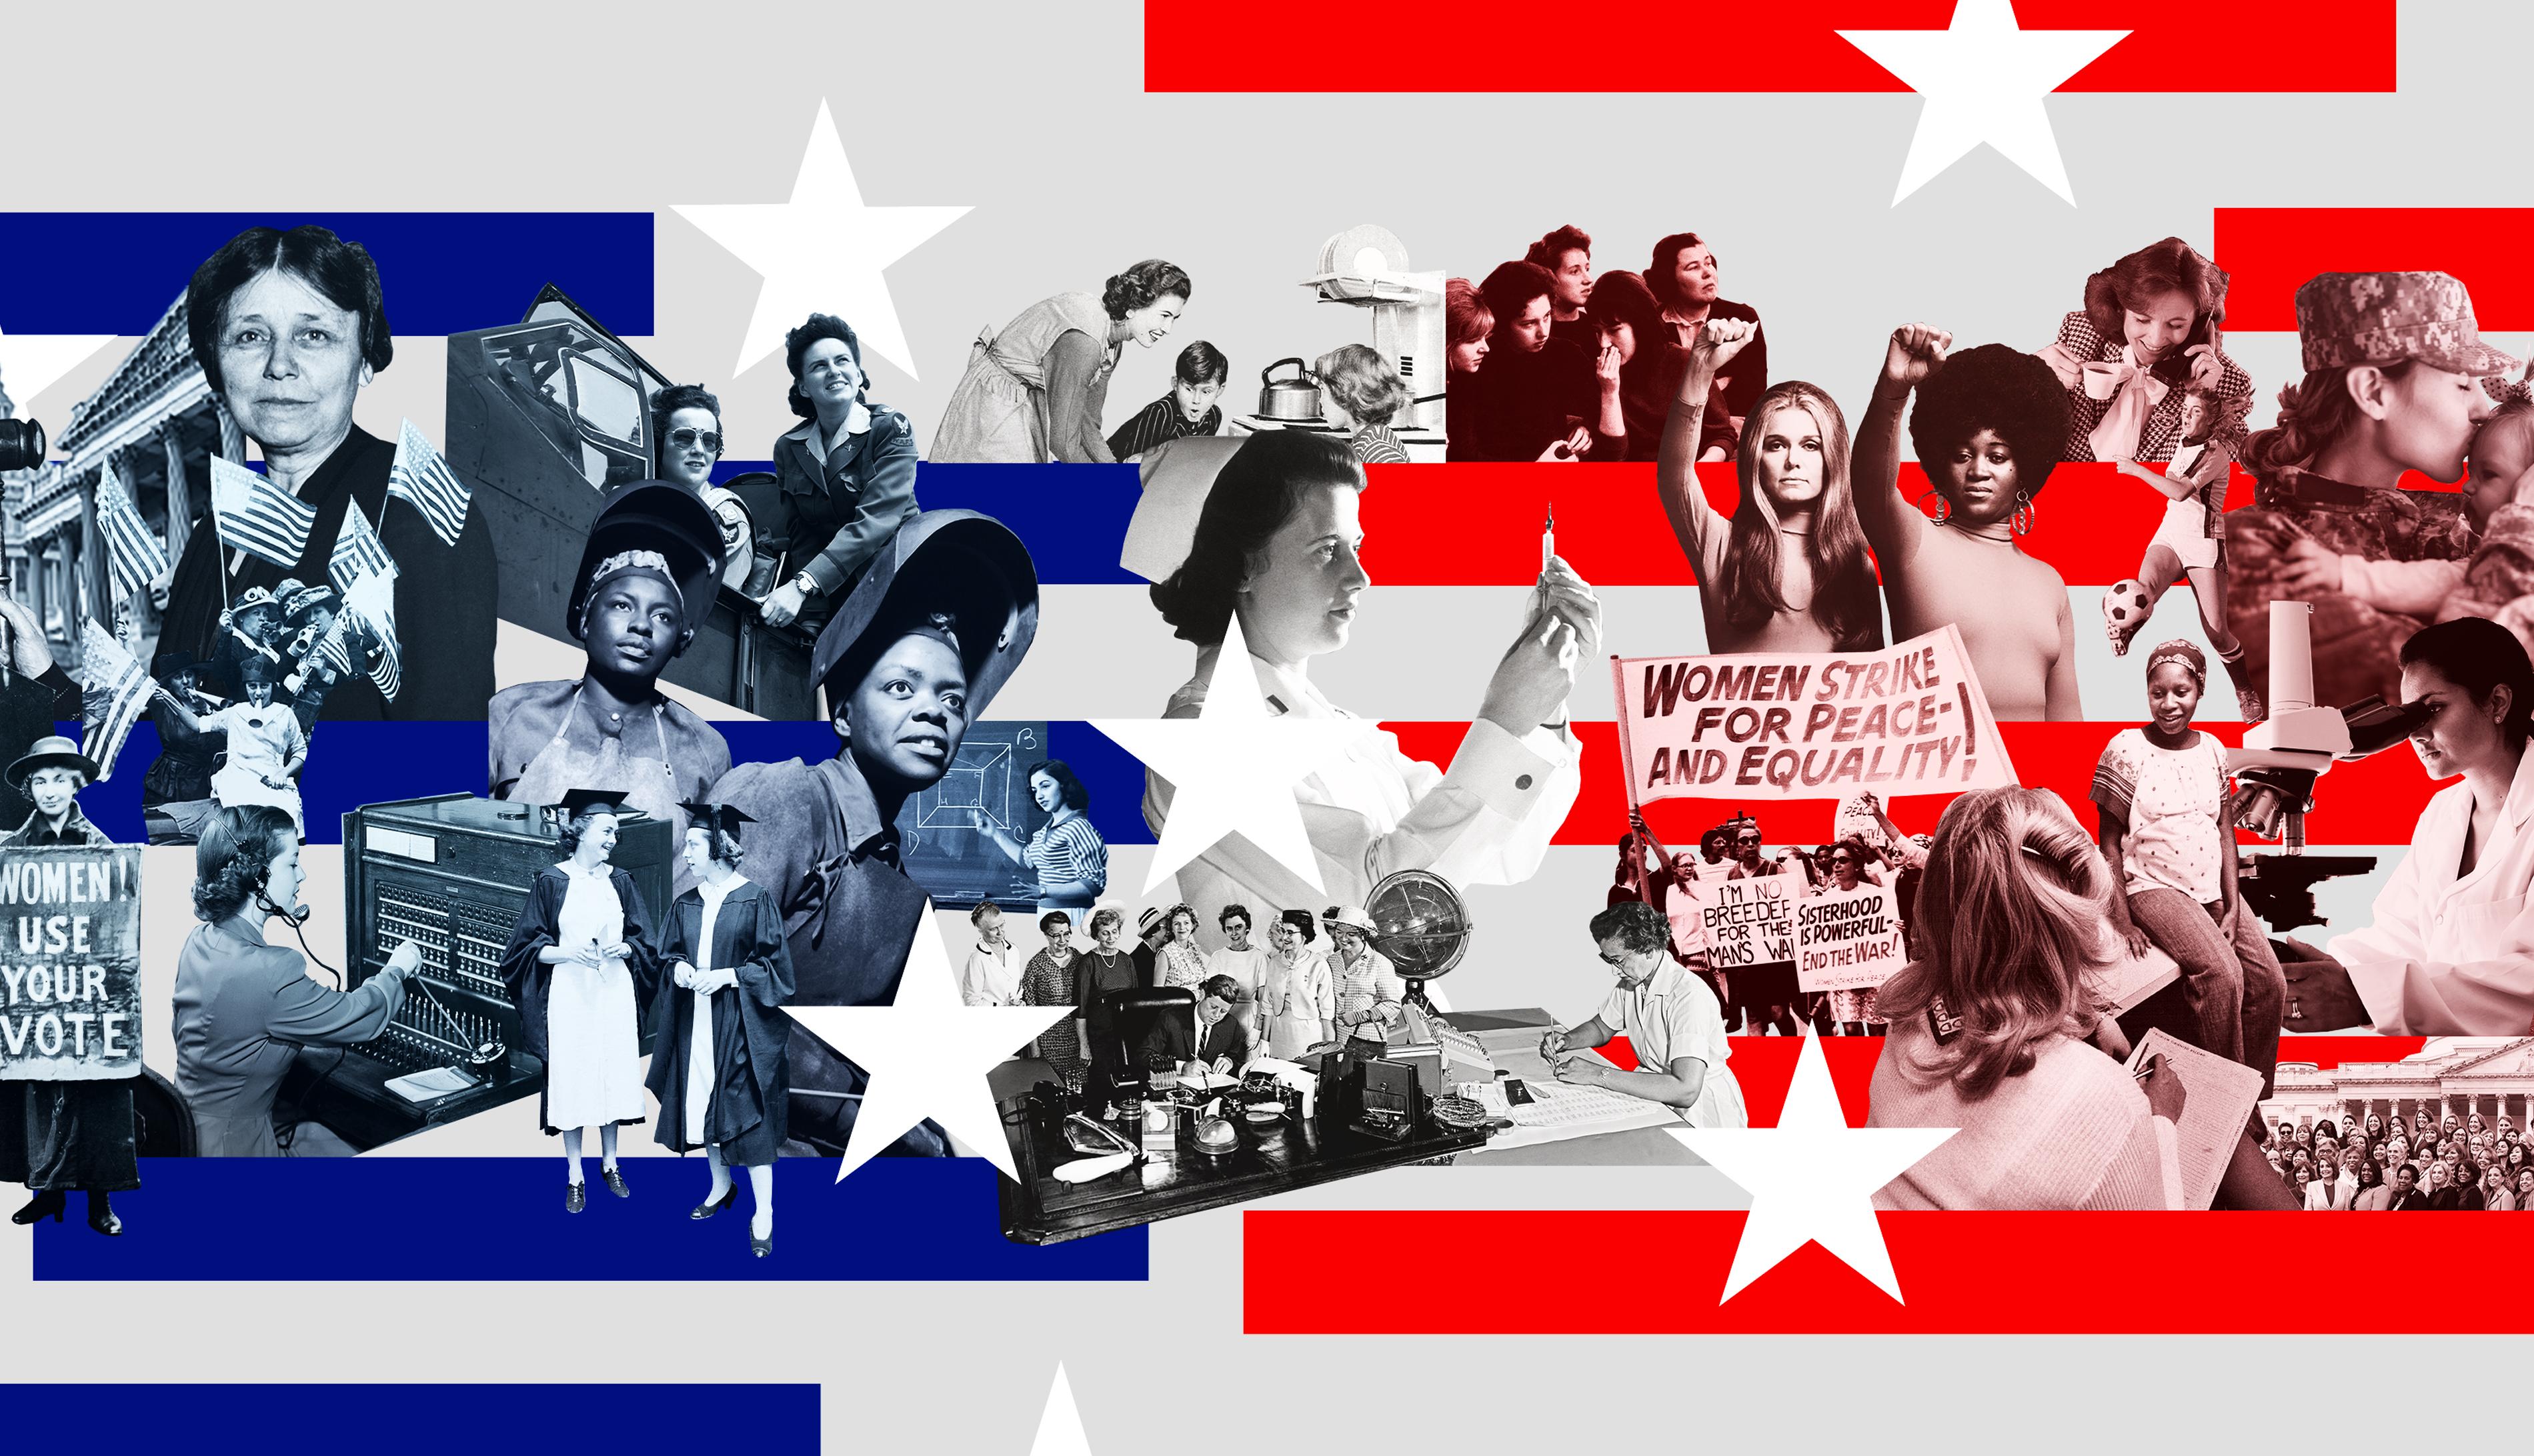 Collage de fotos históricas de mujeres innovadoras con elementos de la bandera americana de EEUU, todo en rojo, blanco y azul.